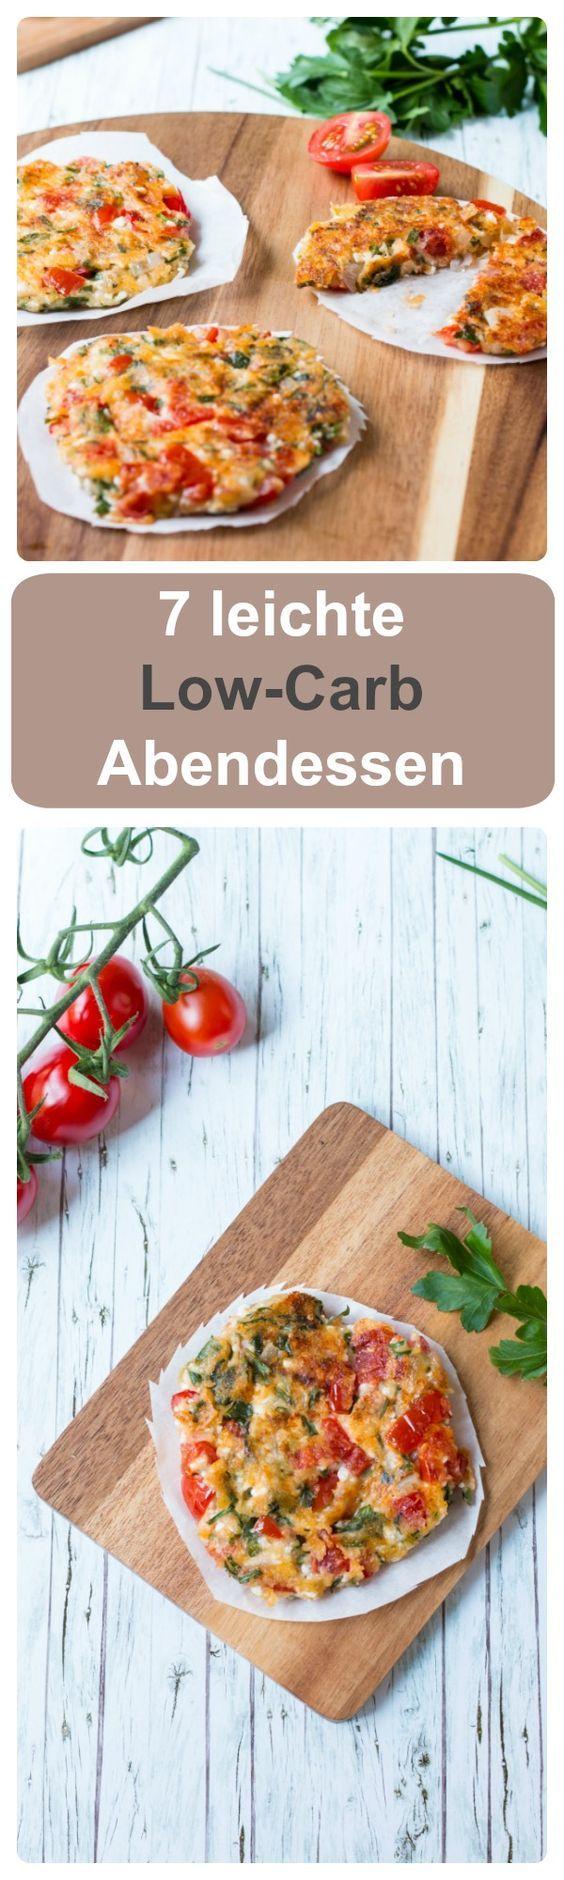 Low-carb Abendessen: Ideale Gerichte für figurbewusste Genießer wie dich! (delicious smoothie recipes)